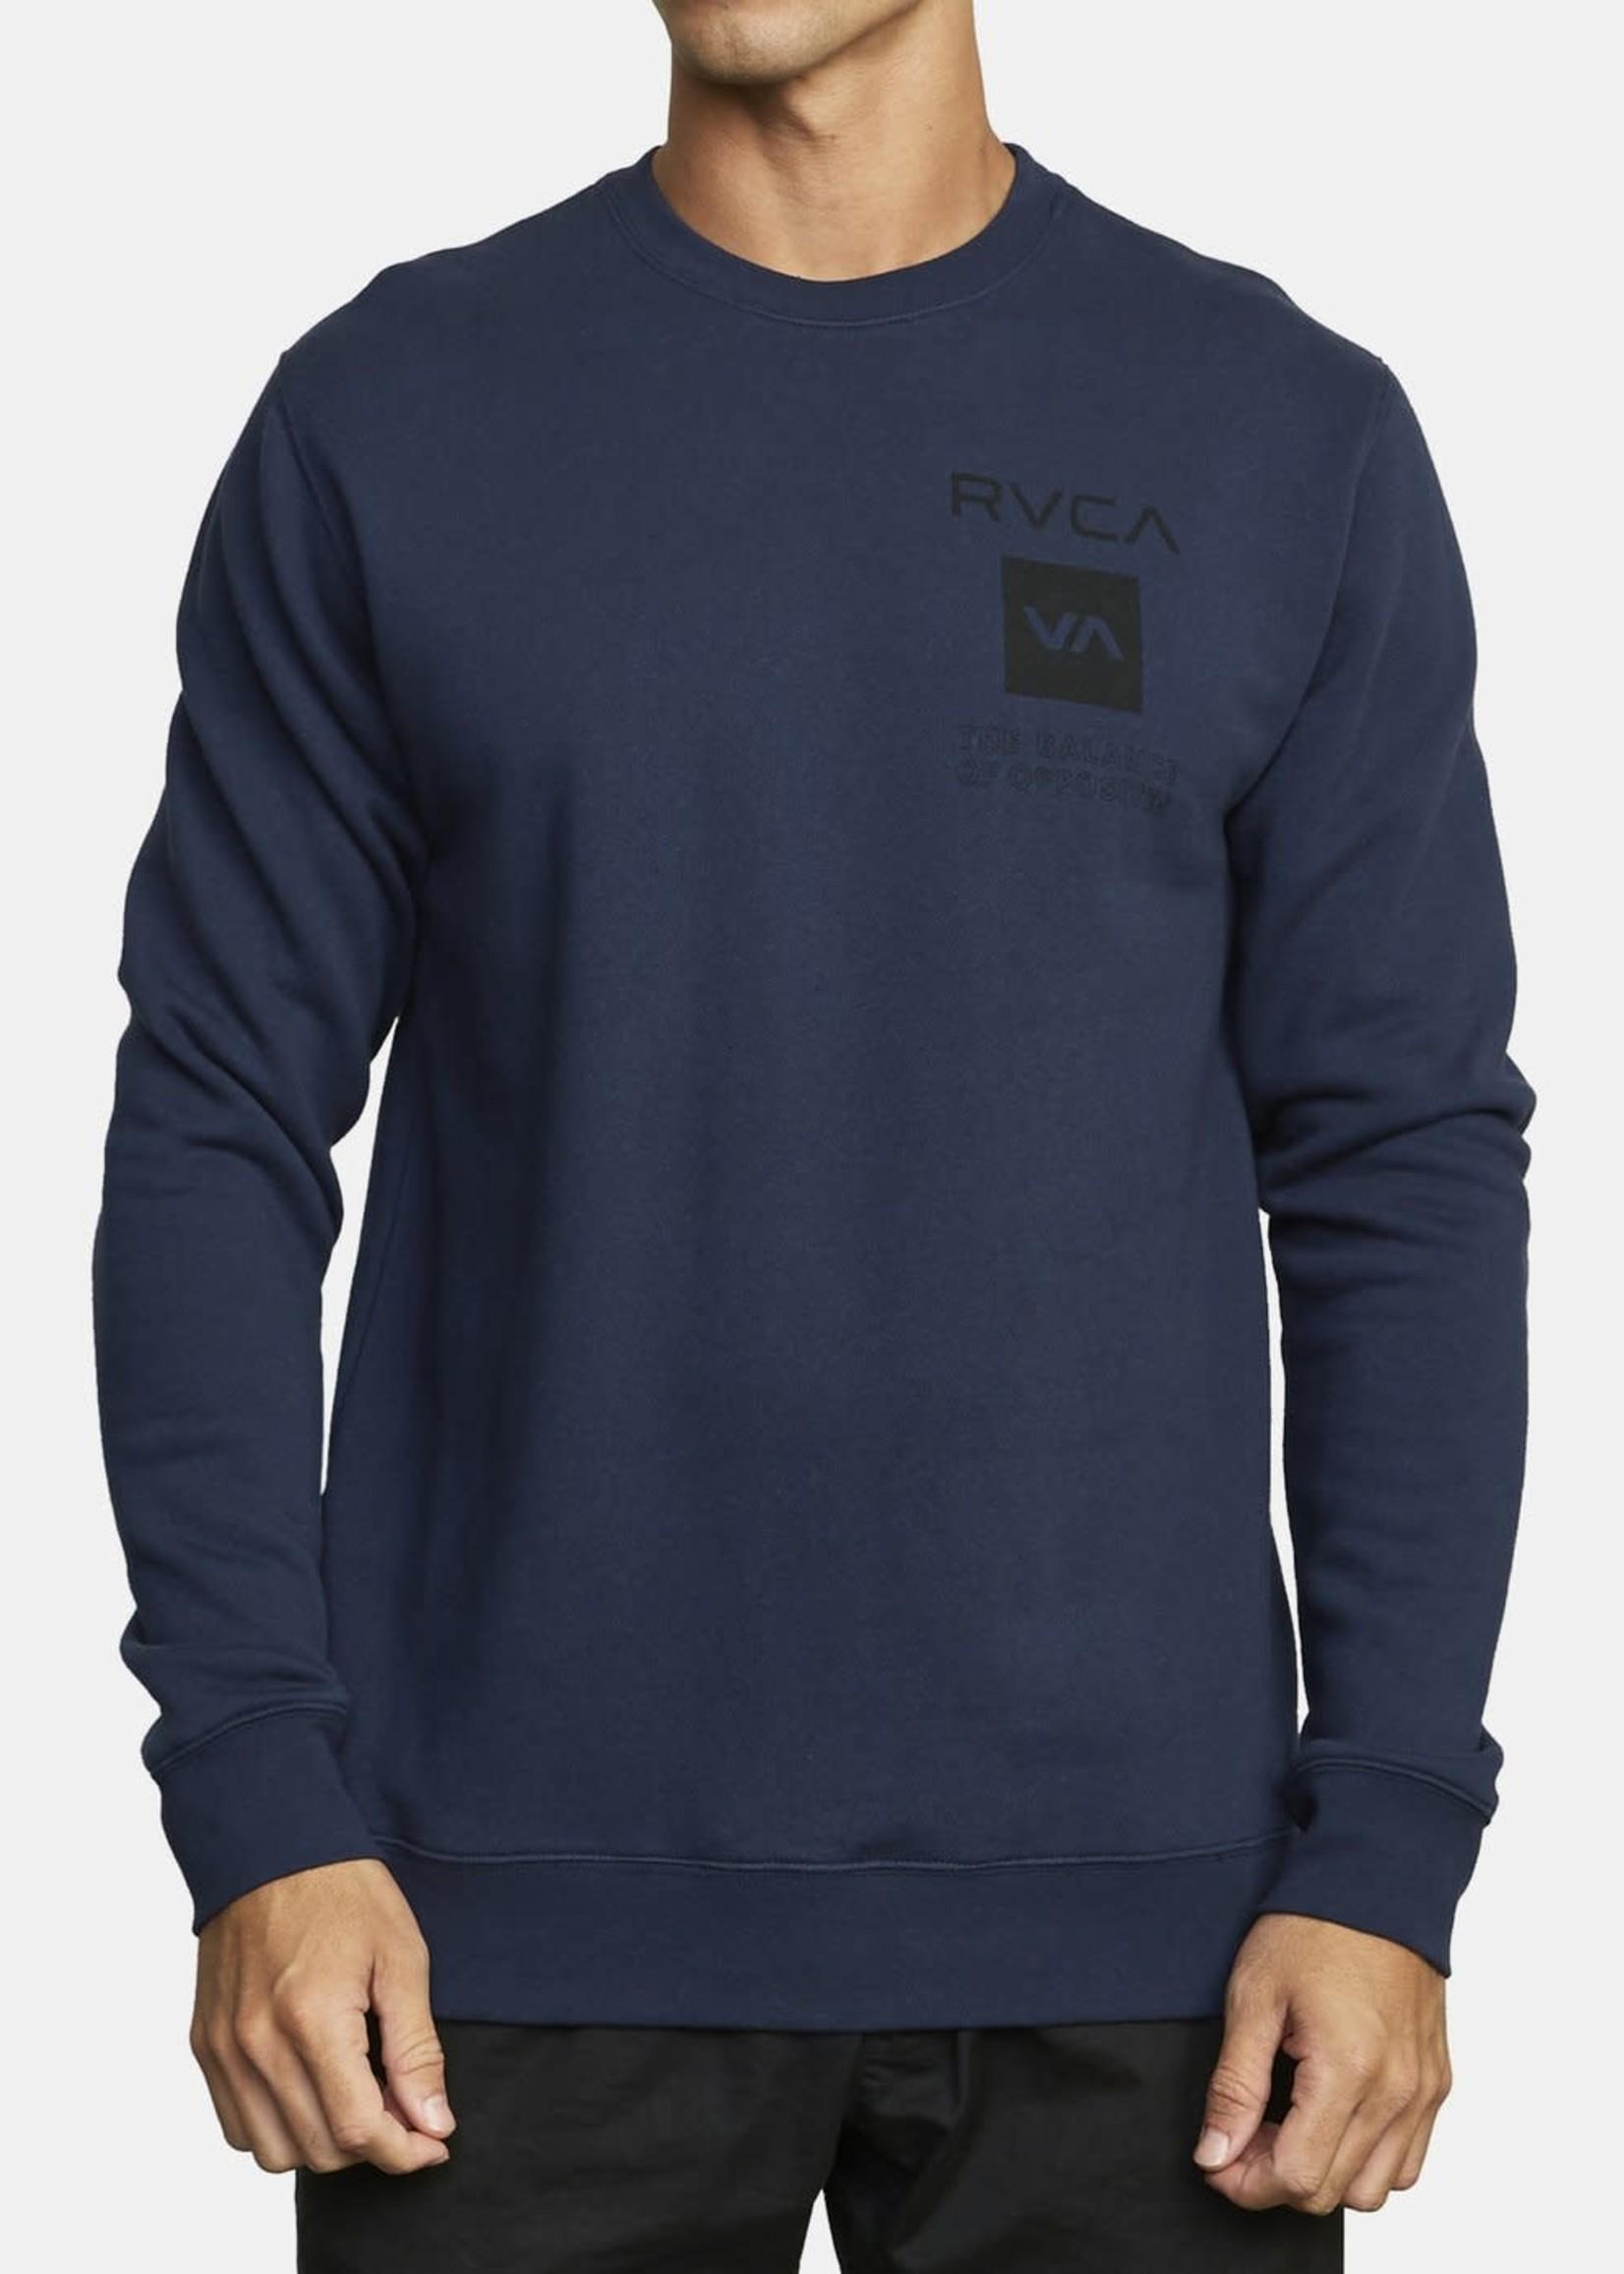 RVCA Sport Graphic Pullover Sweater